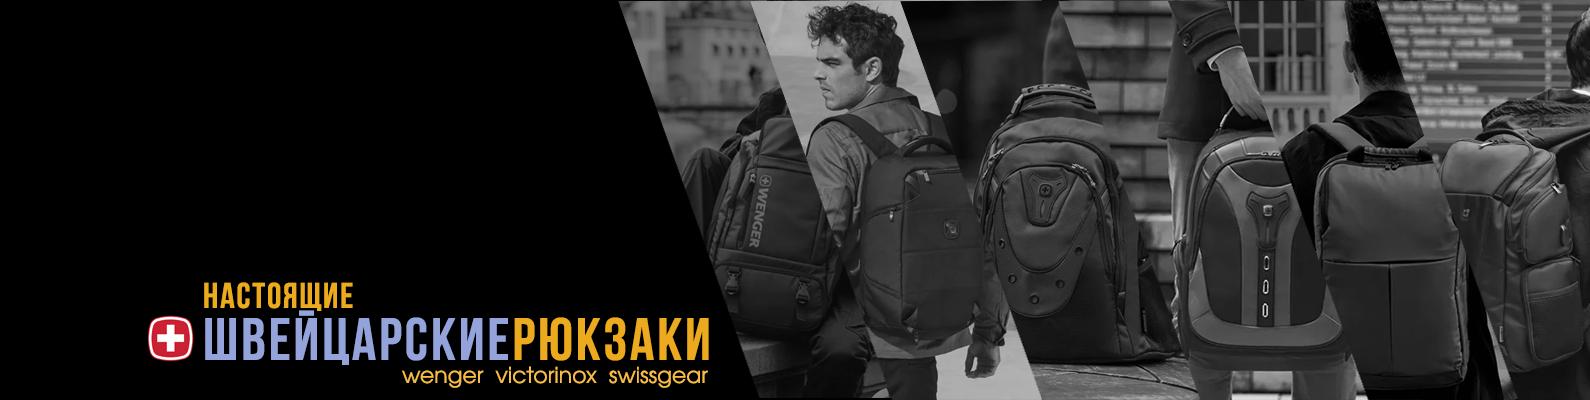 Настоящие швейцарские рюкзаки